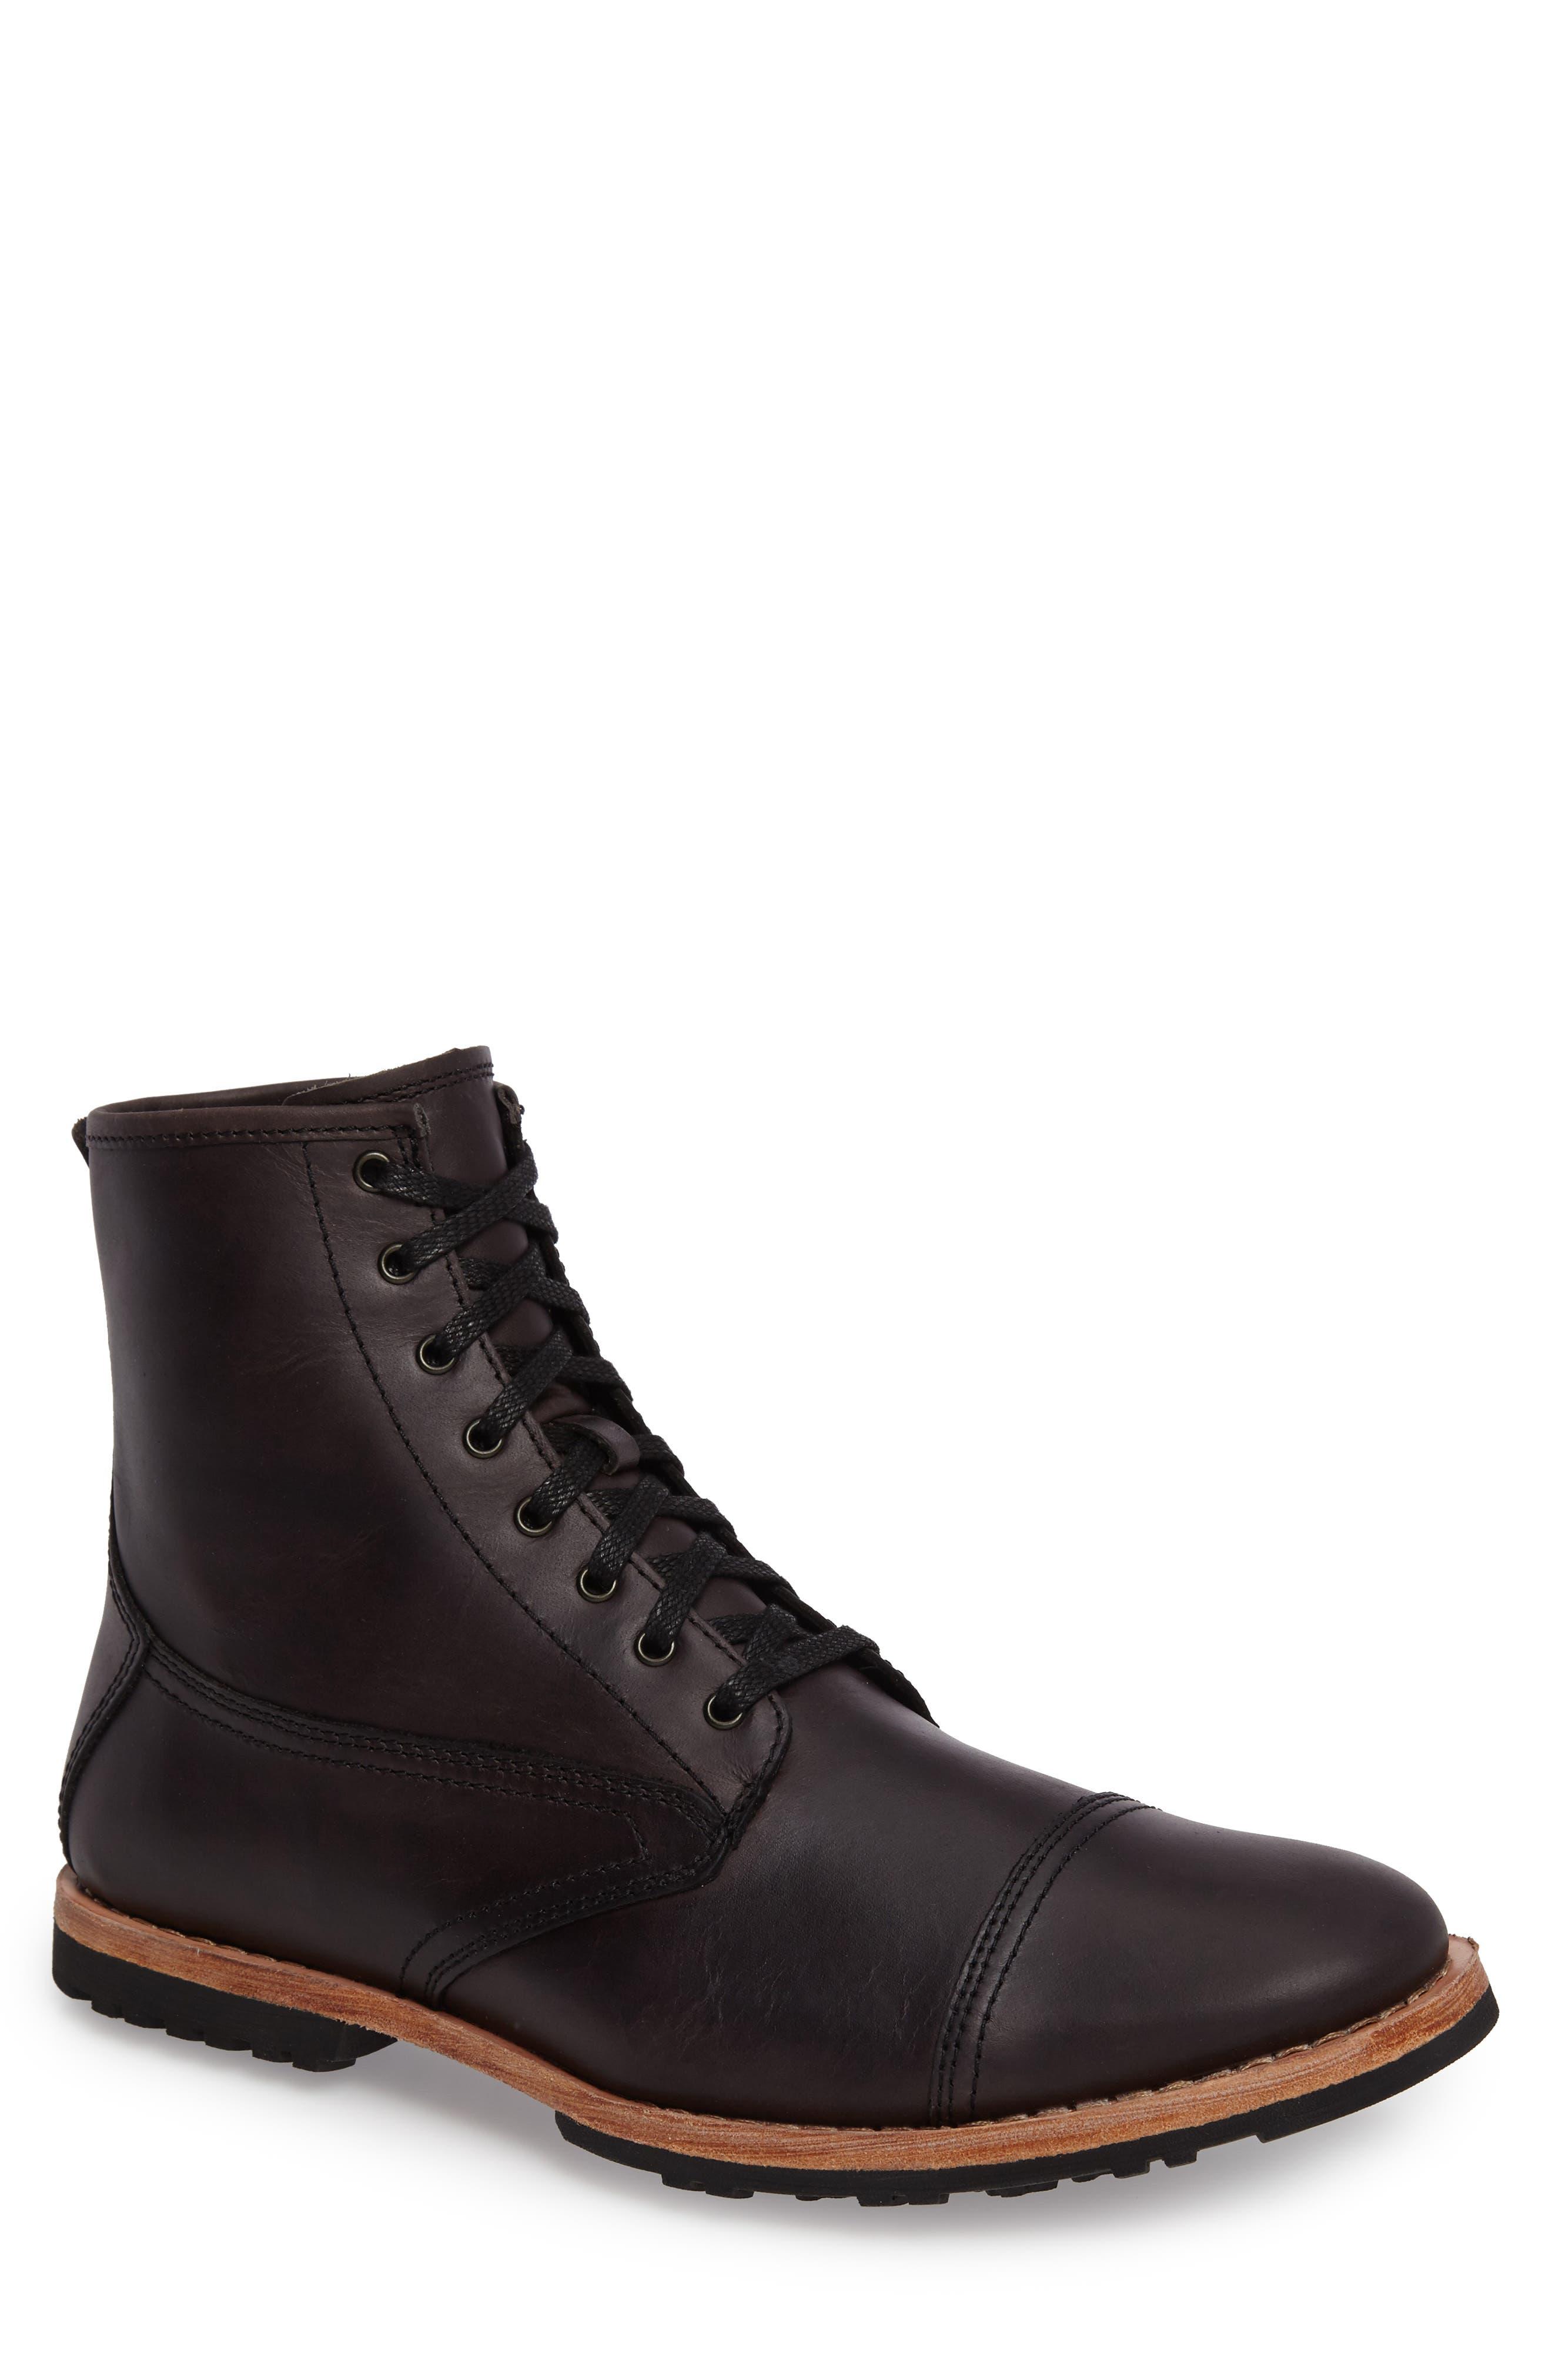 Main Image - Timberland 'Bardstown' Cap Toe Boot (Men)